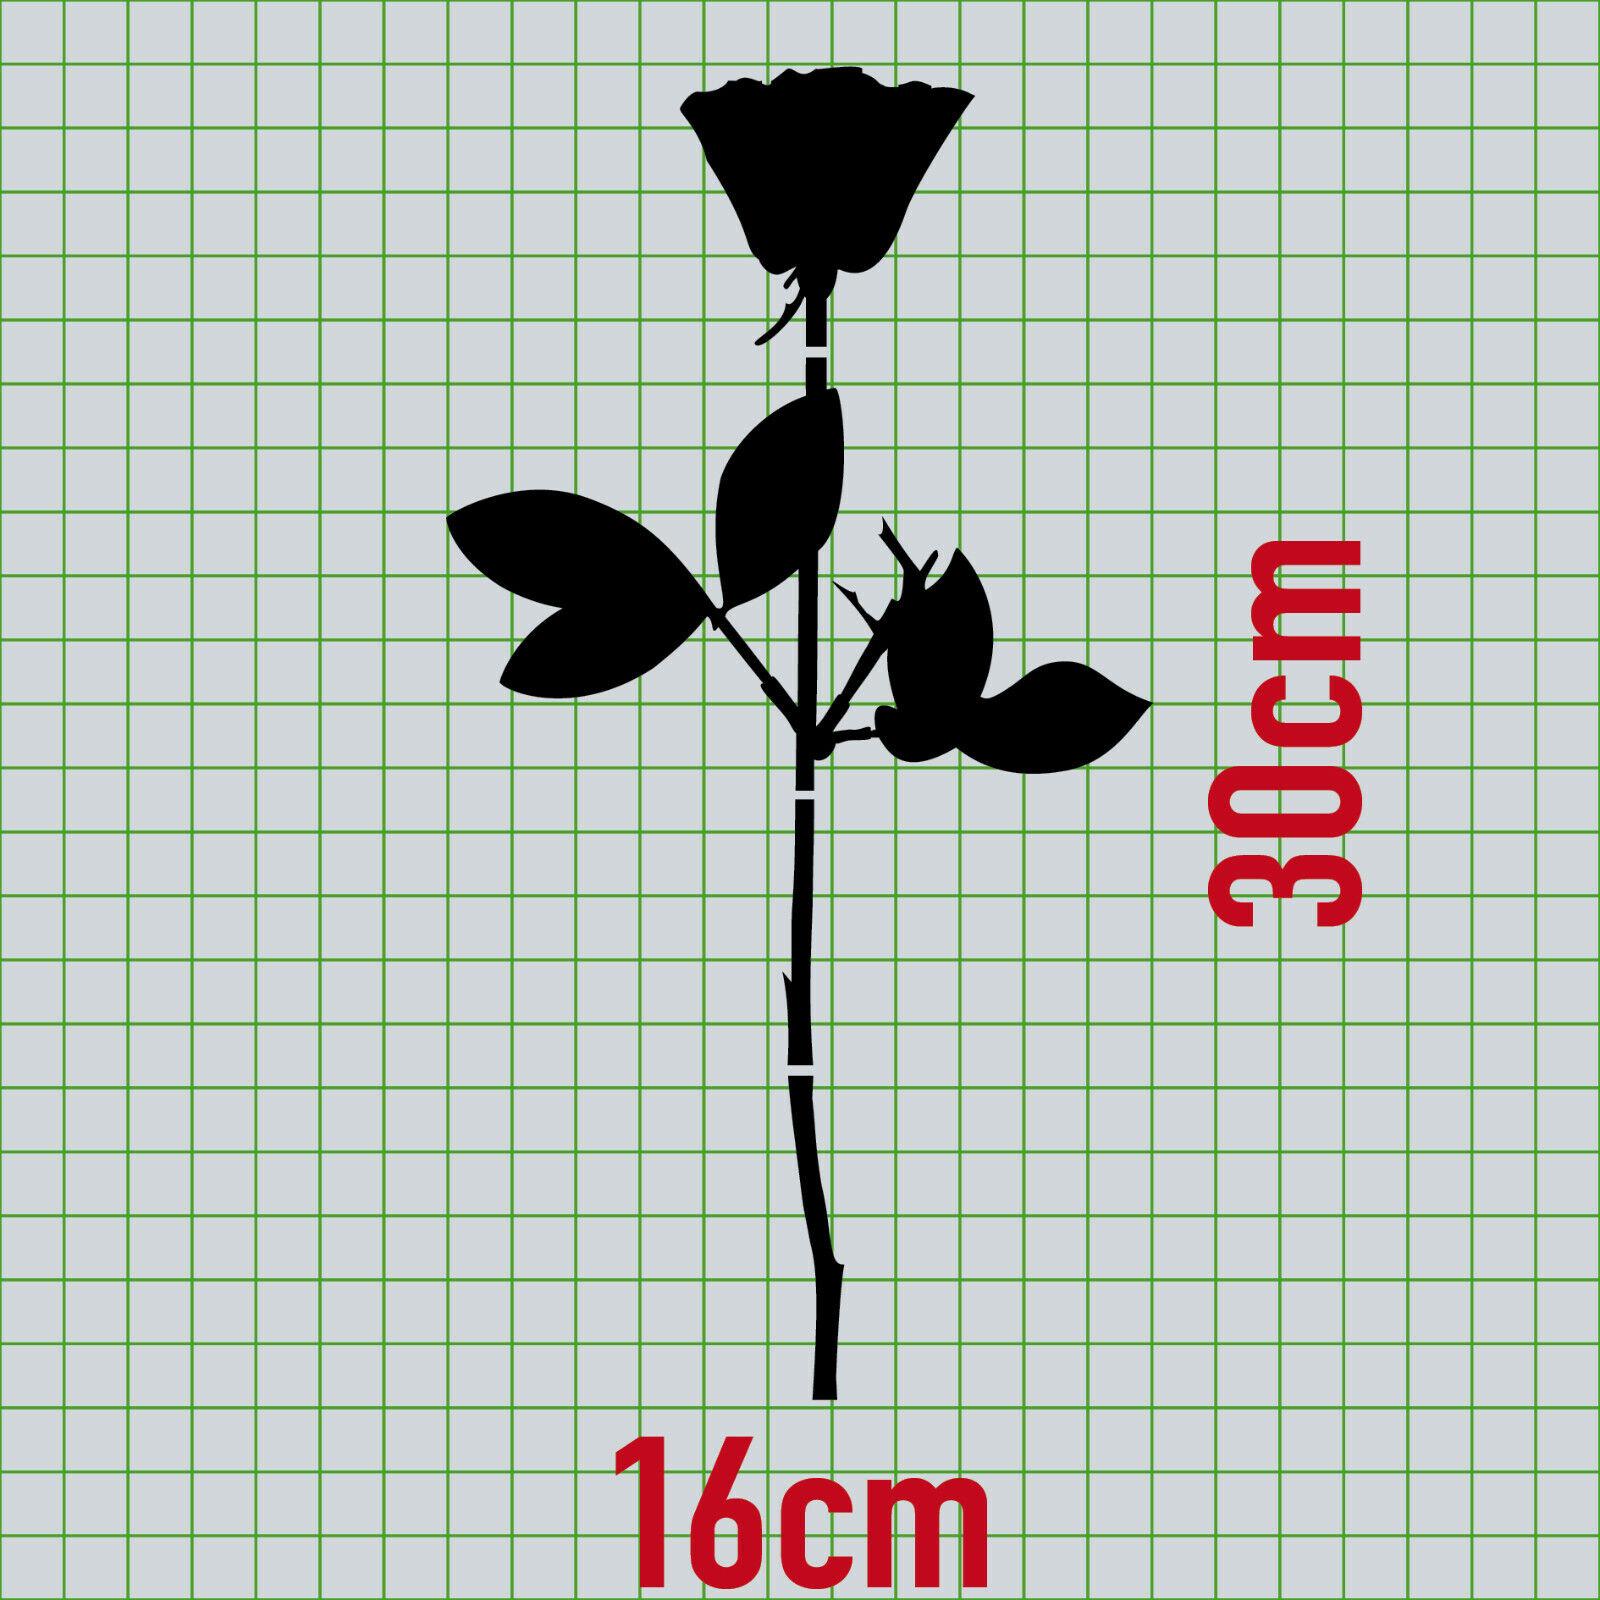 Rose 30cm schwarz Auto Tür Fenster Möbel Dekofolie Depeche Mode Aufkleber Tattoo